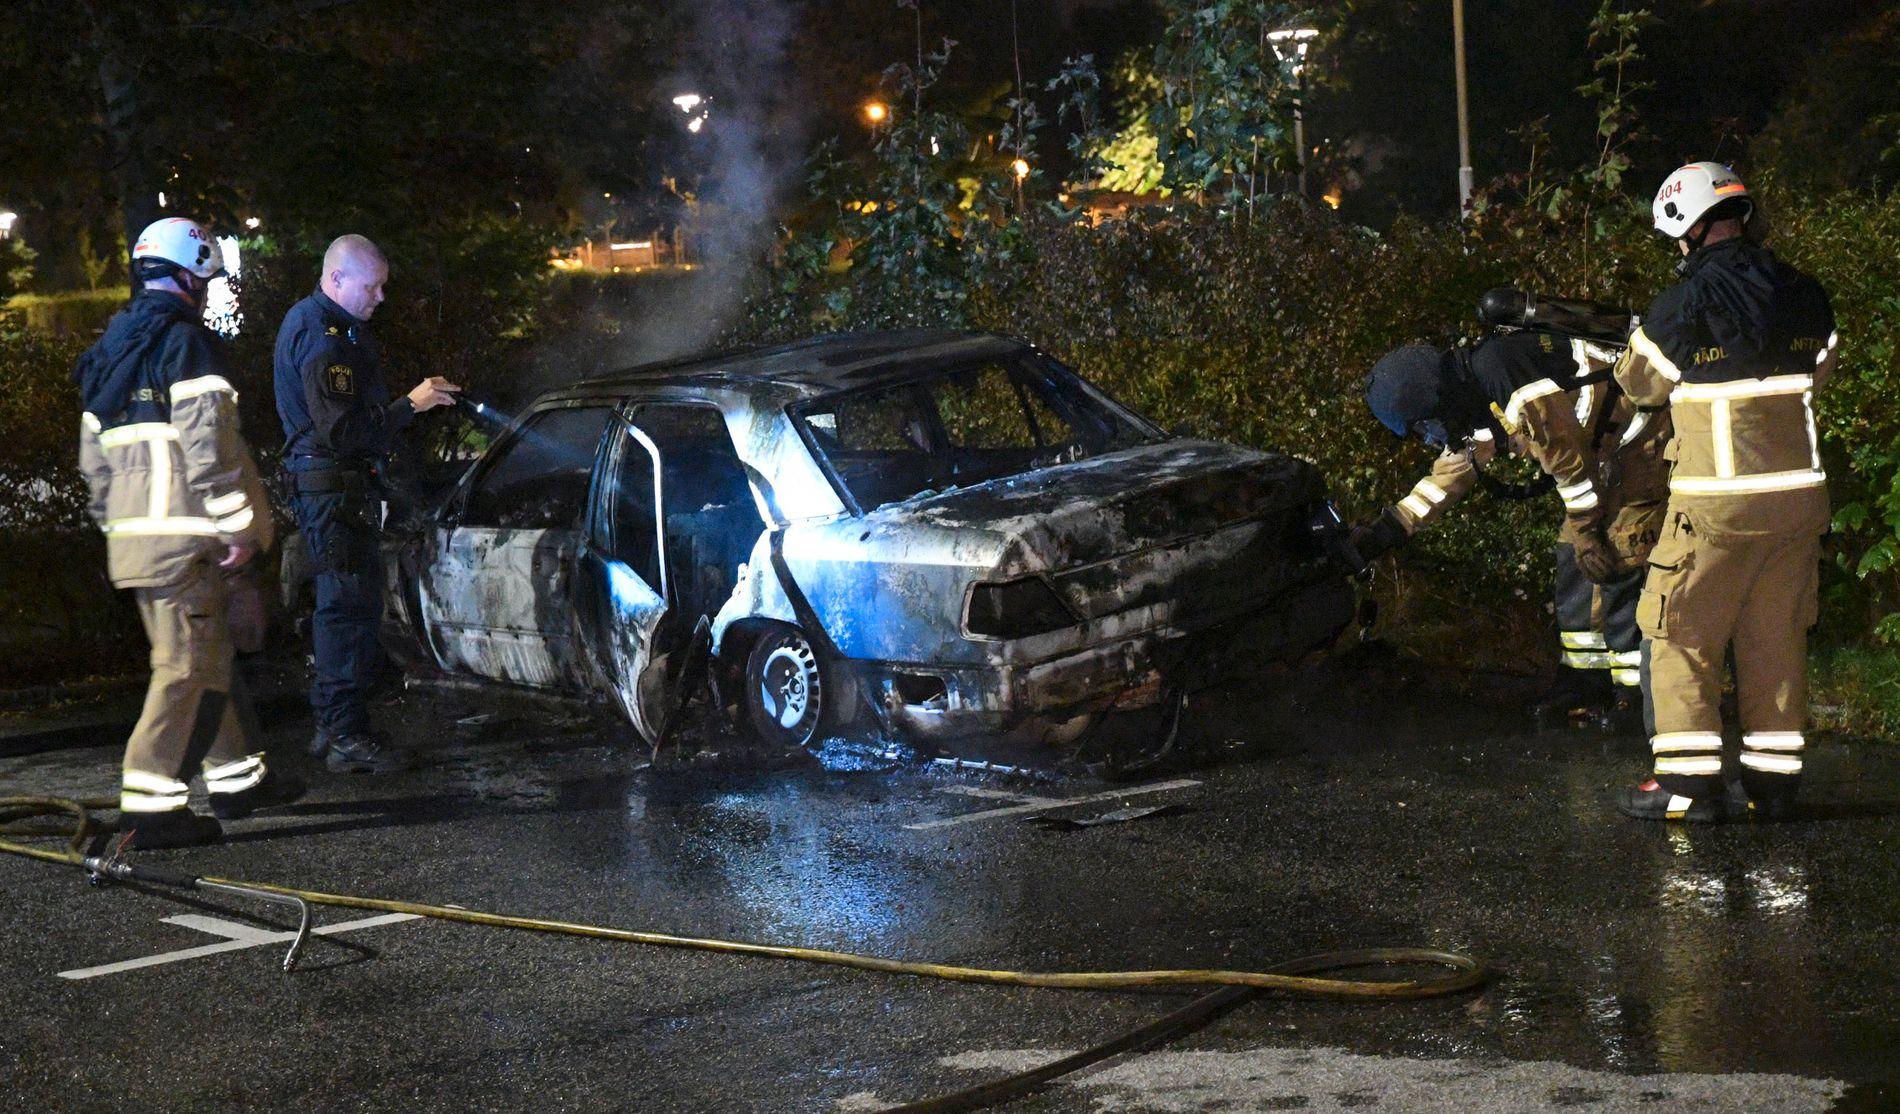 ETTERFORSKER: Politiet undersøker en utbrent bil i kommunen Burløv, like utenfor Malmø, natt til tirsdag.